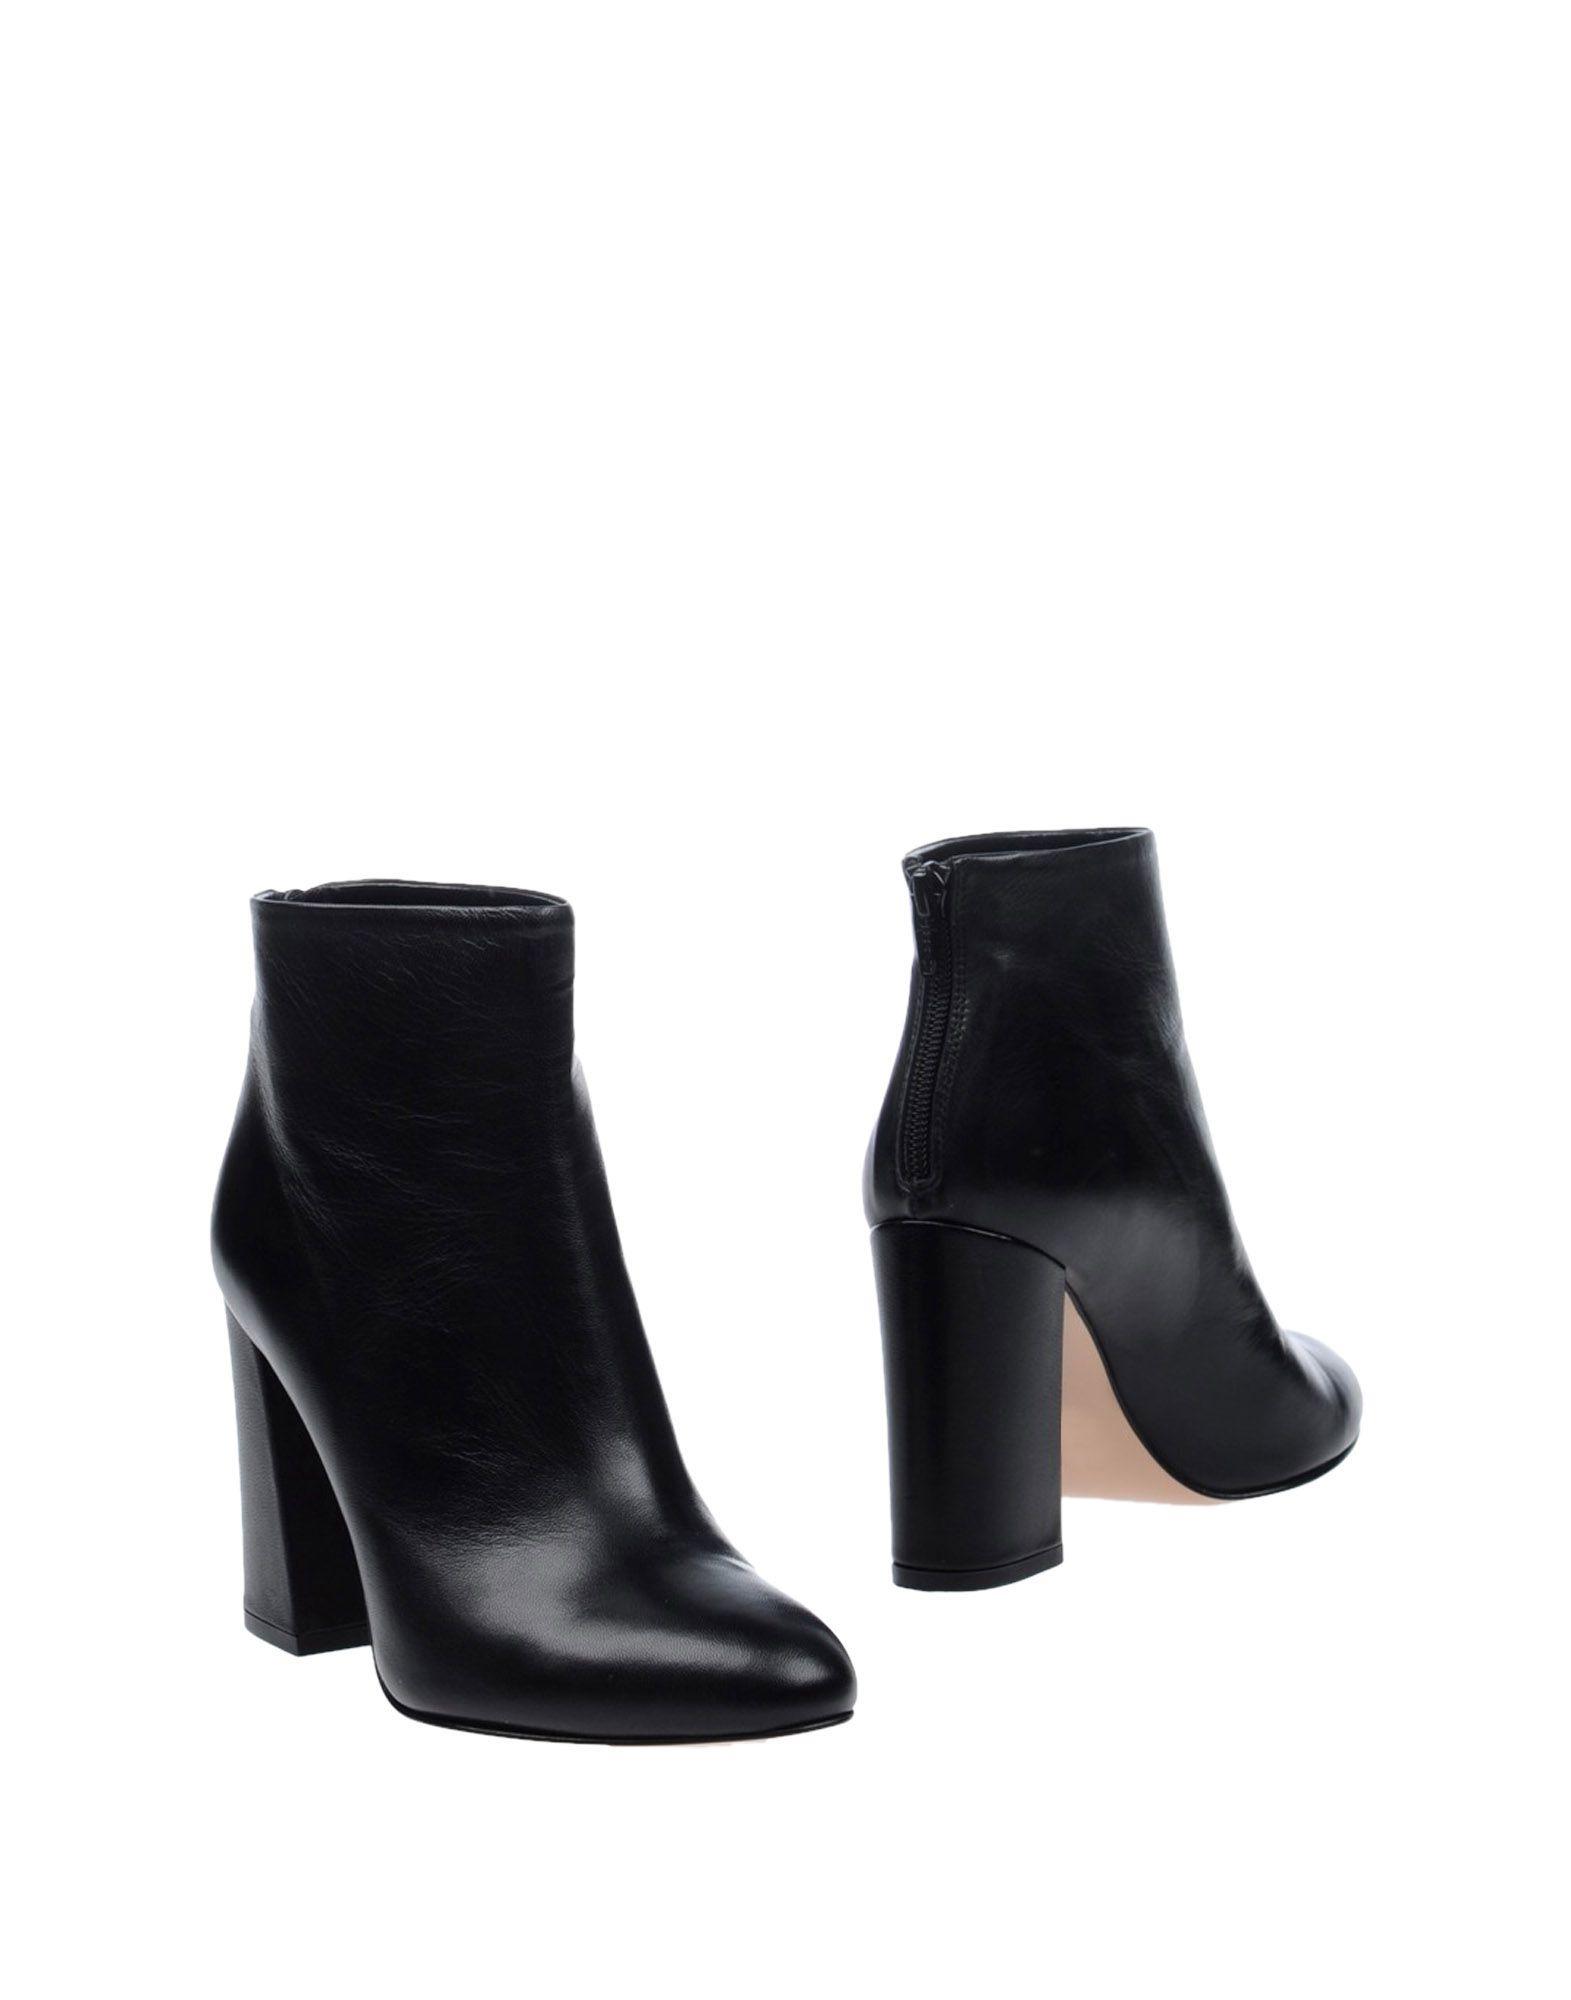 ALAN JURNO Полусапоги и высокие ботинки цены онлайн